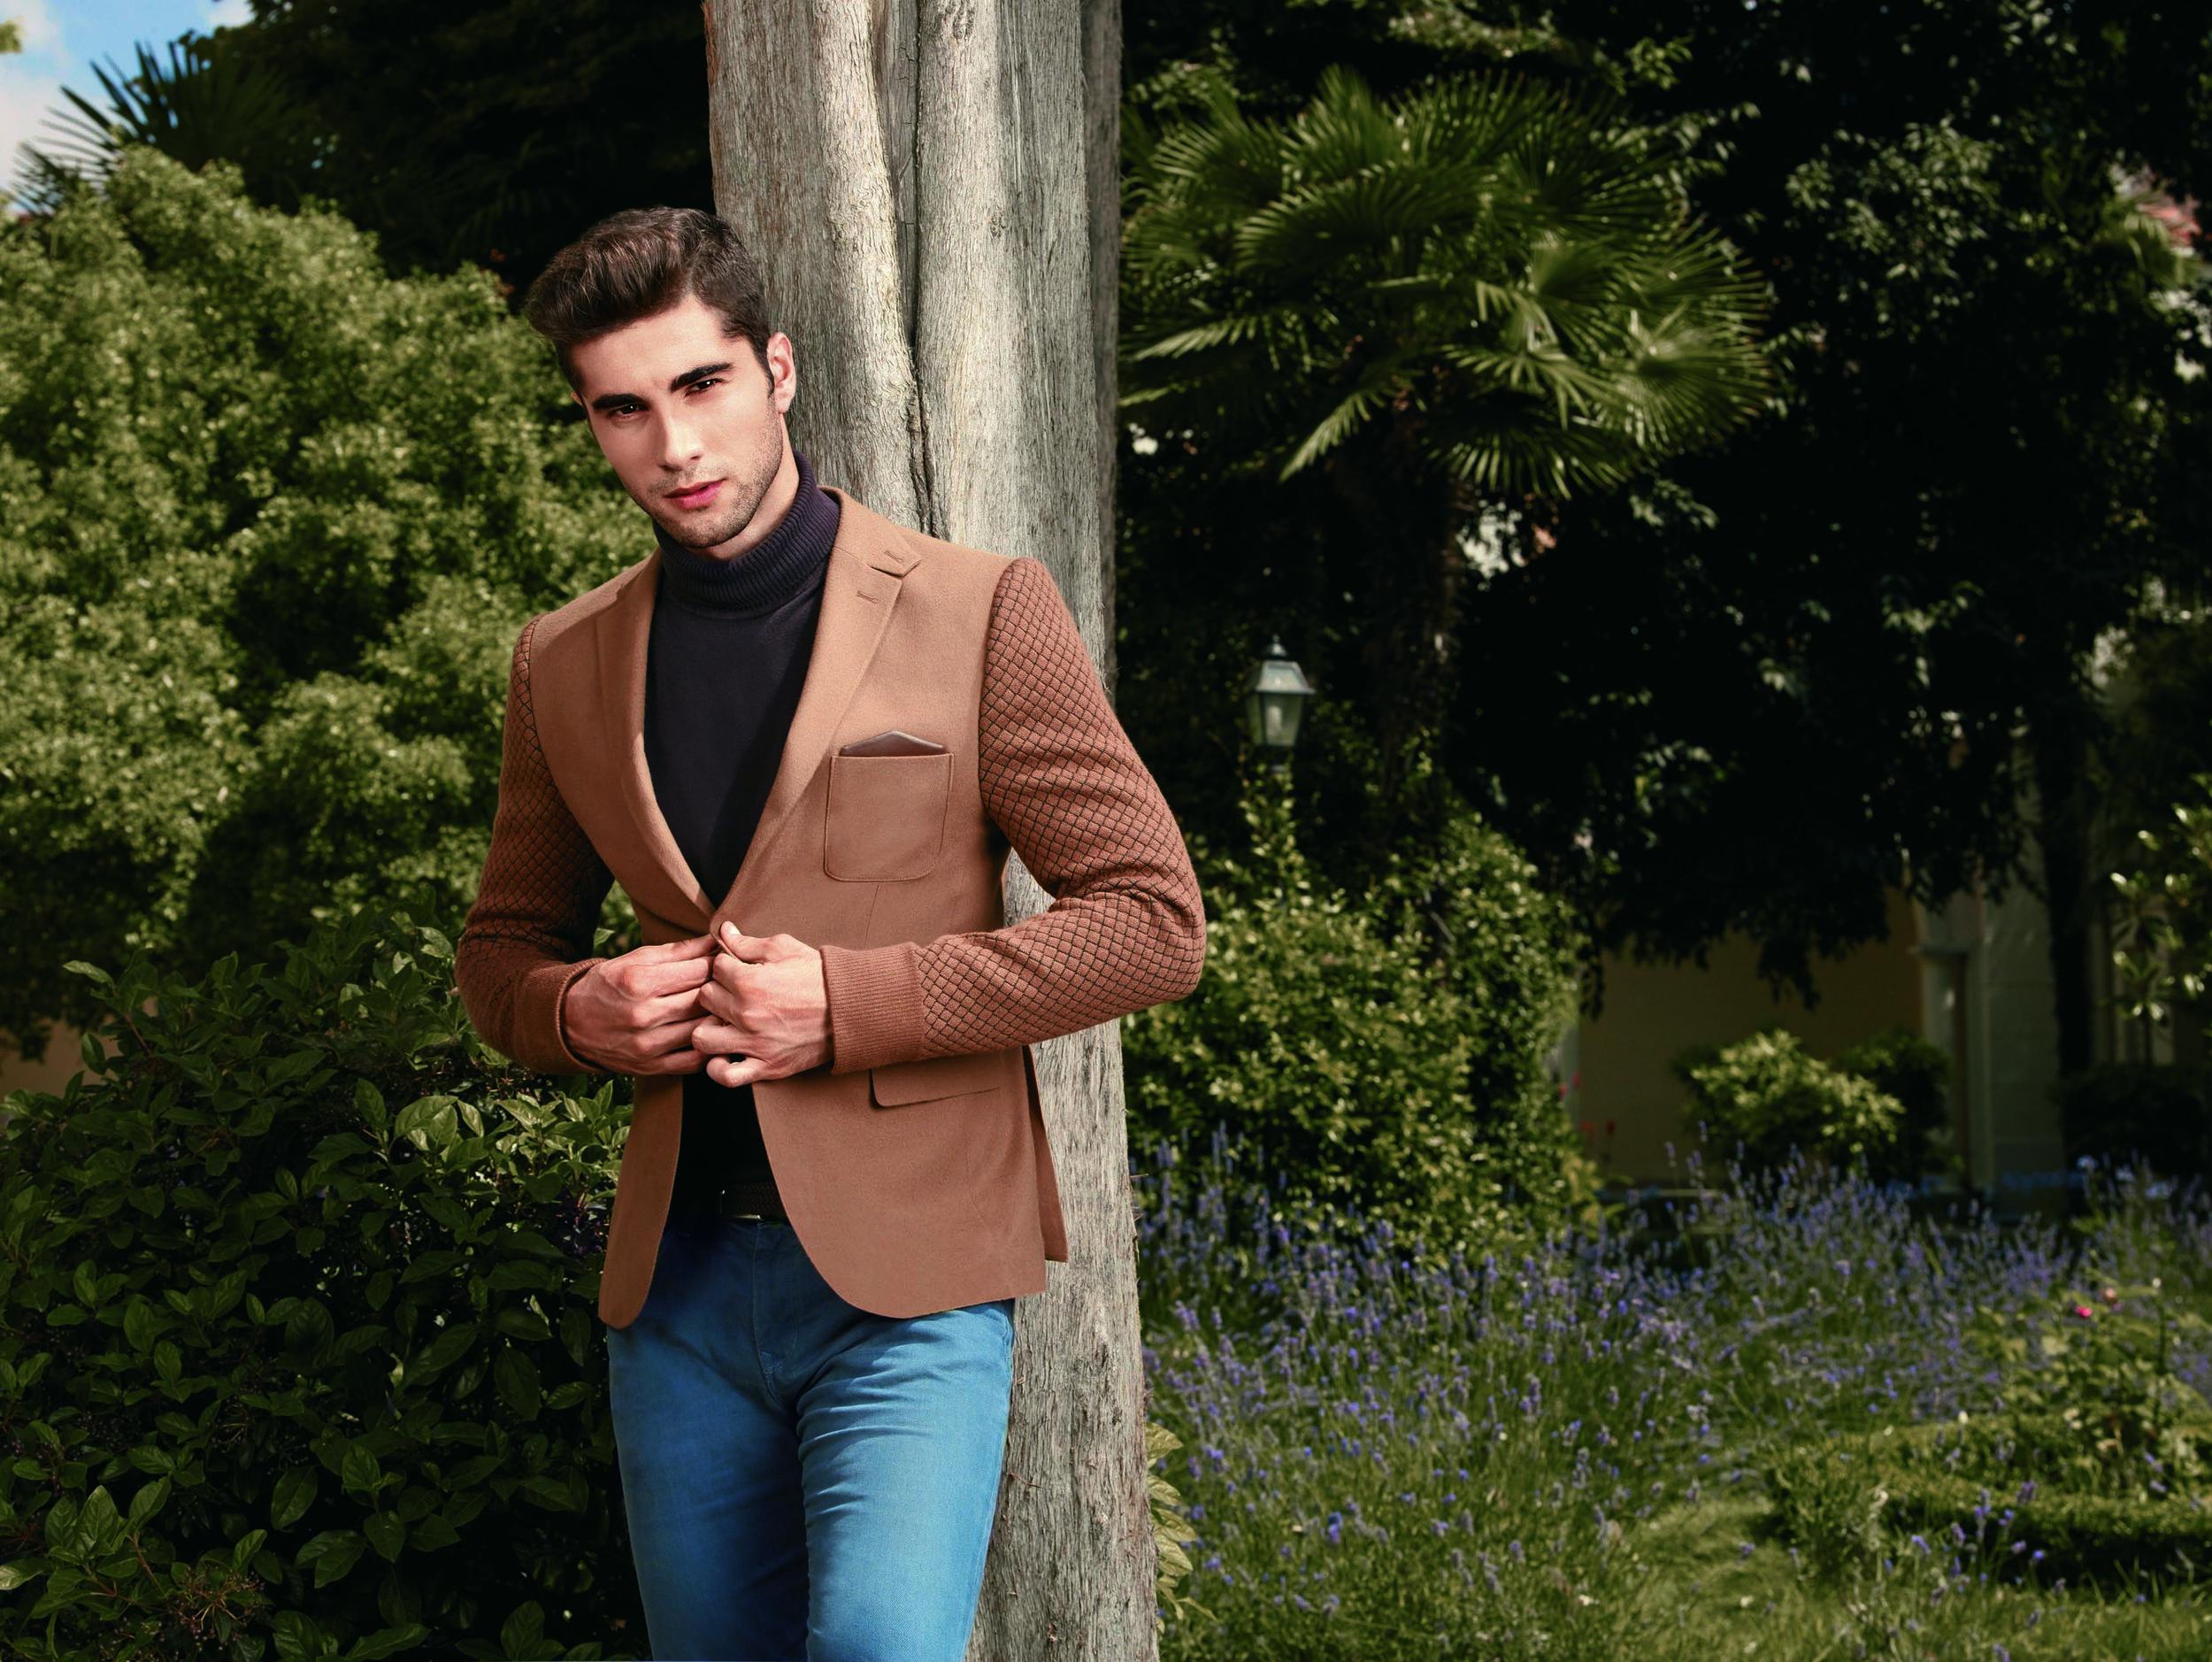 Ugur_Bektas_Wessi_Fashion_04.jpg